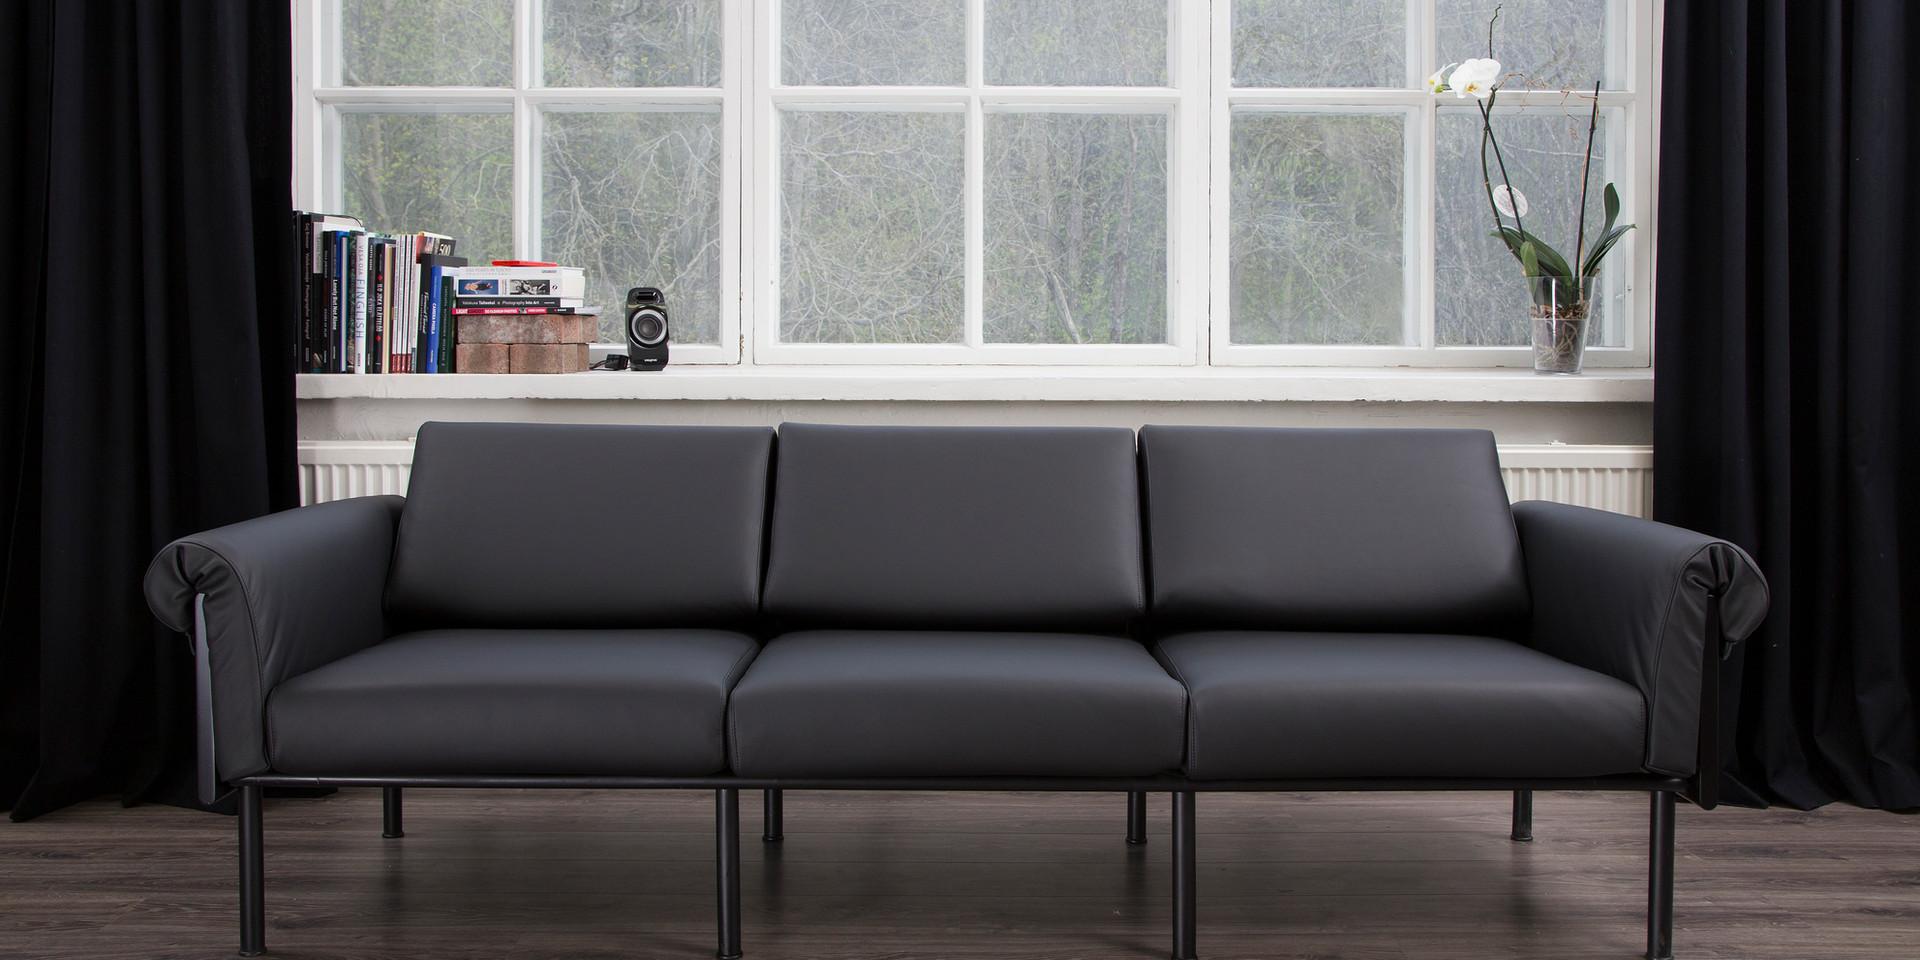 Ateljee-sohva